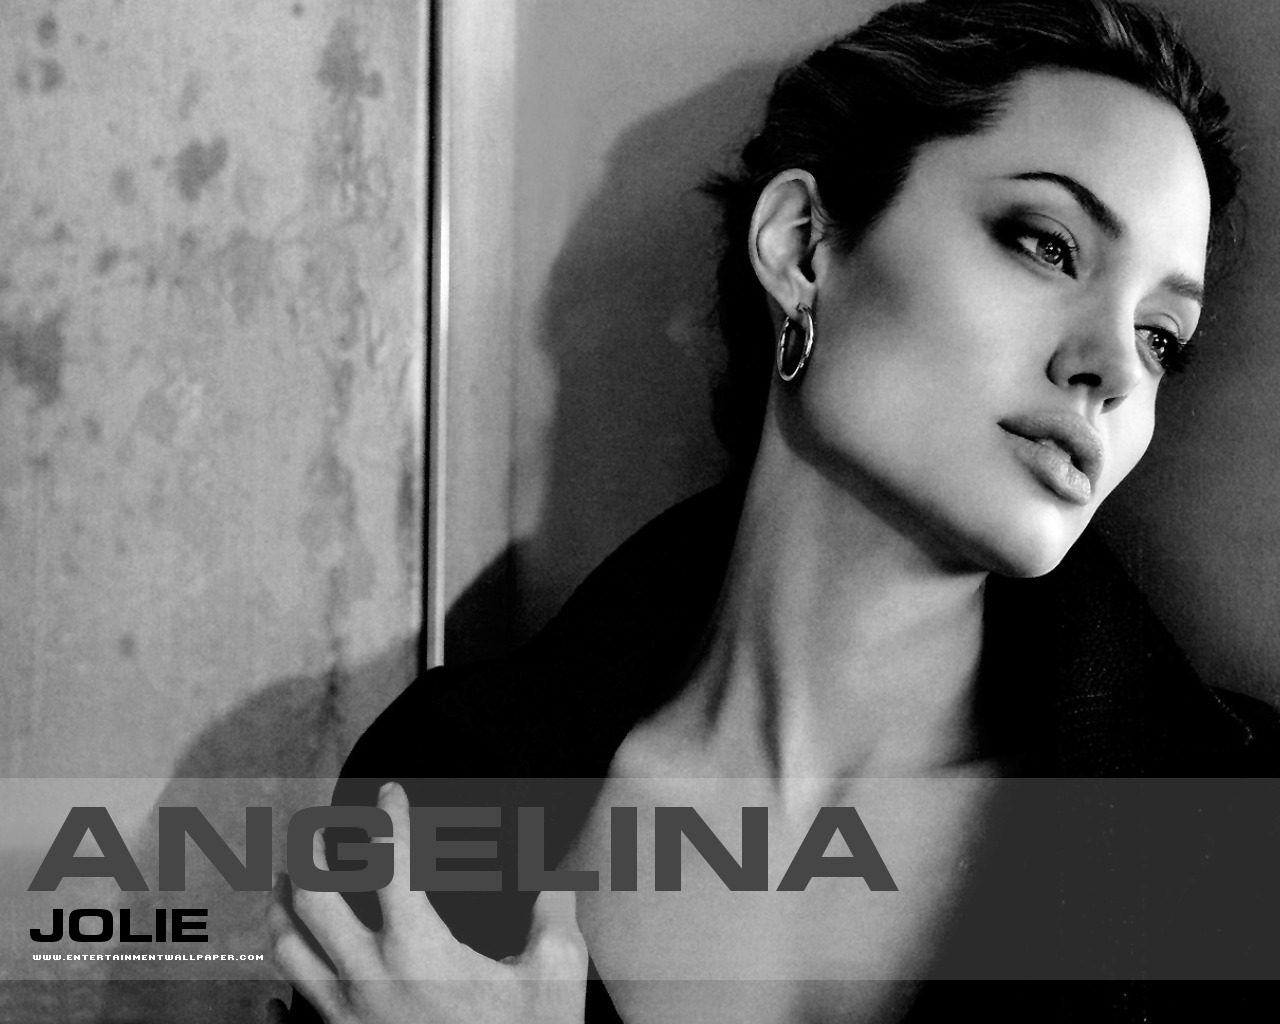 Jolie Wallpaper Desktop Angelina Jolie Wallpapers HD Angelina Jolie 1280x1024